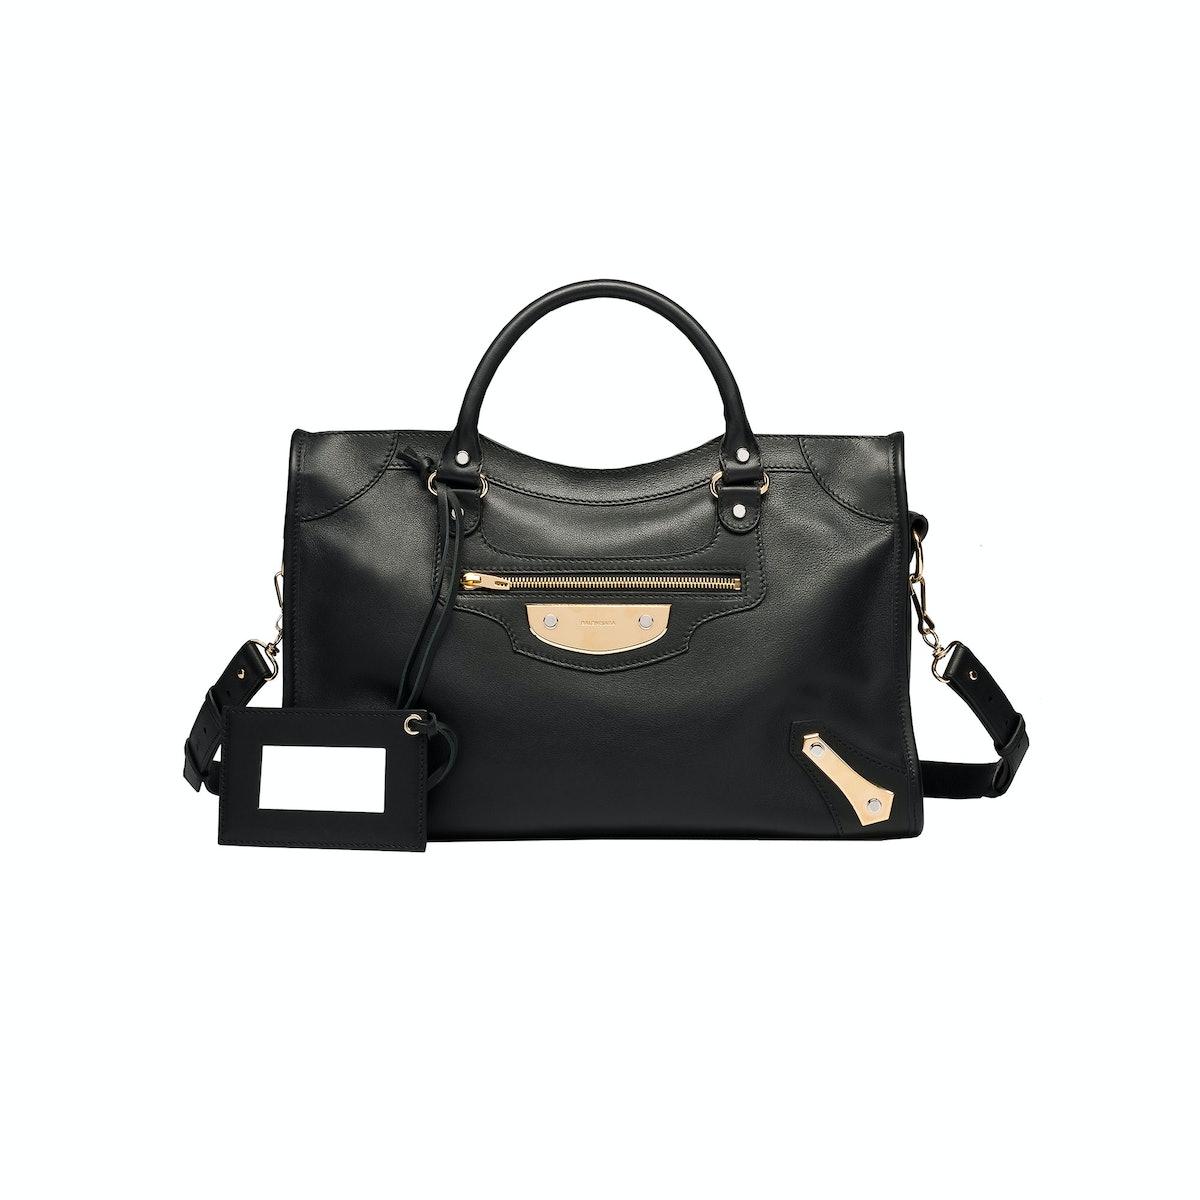 2.-BALENCIAGA-$2195-BALENCIAGA.COM